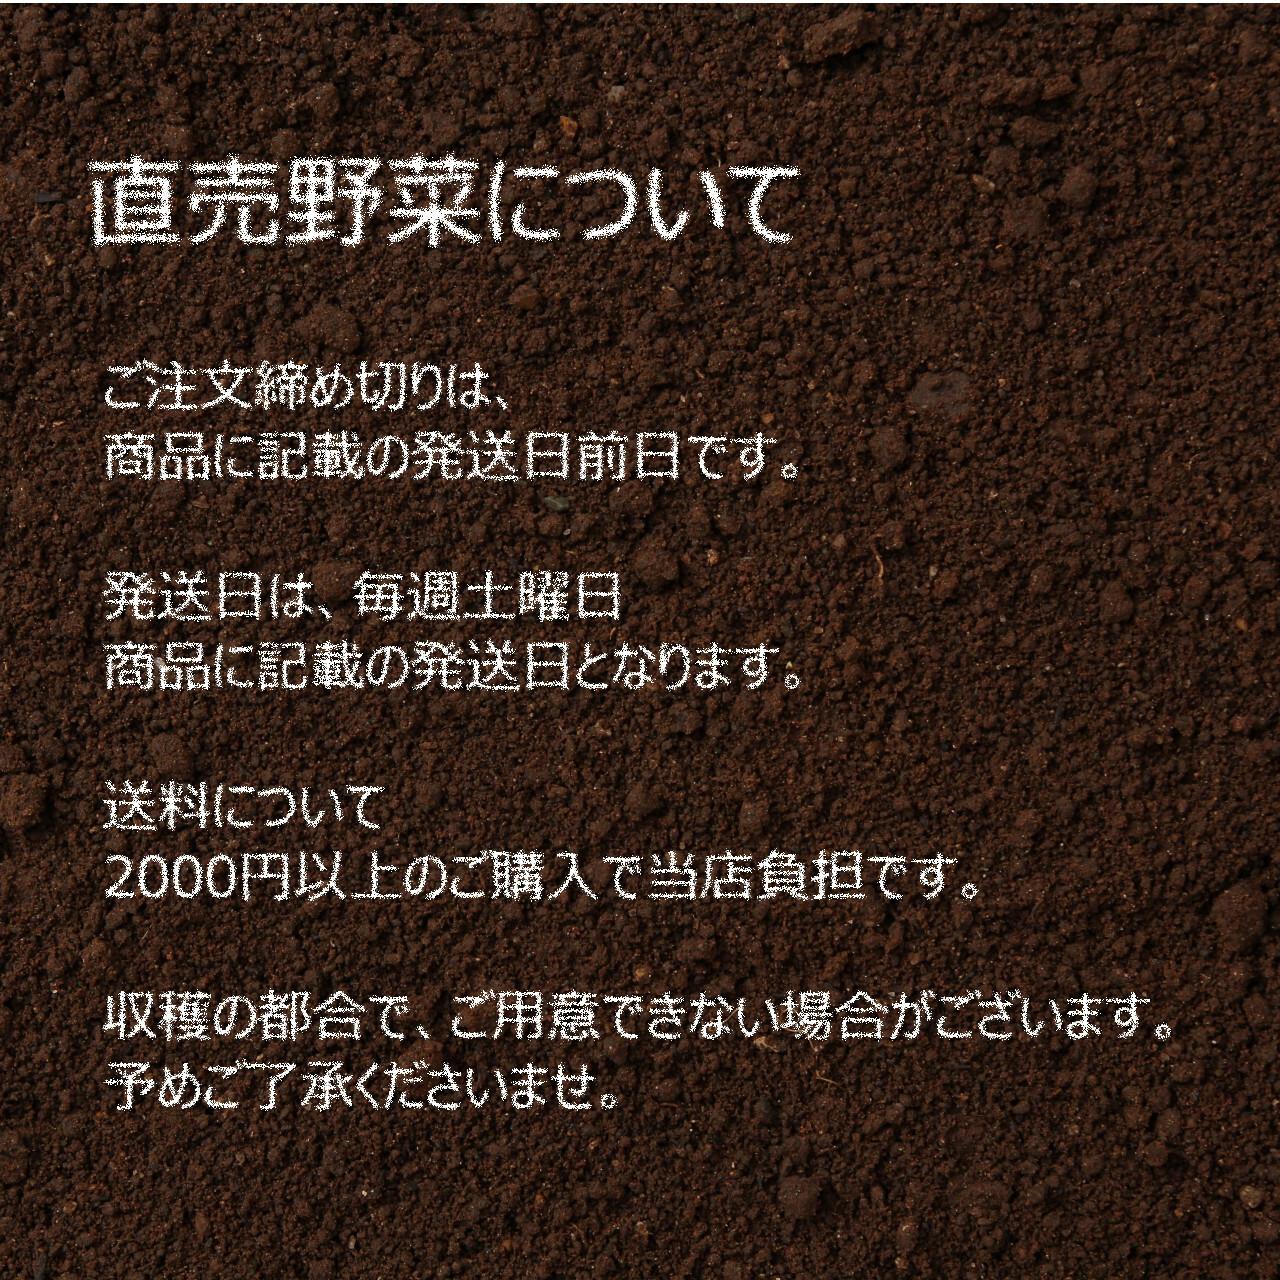 9月の朝採り直売野菜 : ゴーヤ 約1~2本 新鮮な秋野菜 9月28日発送予定